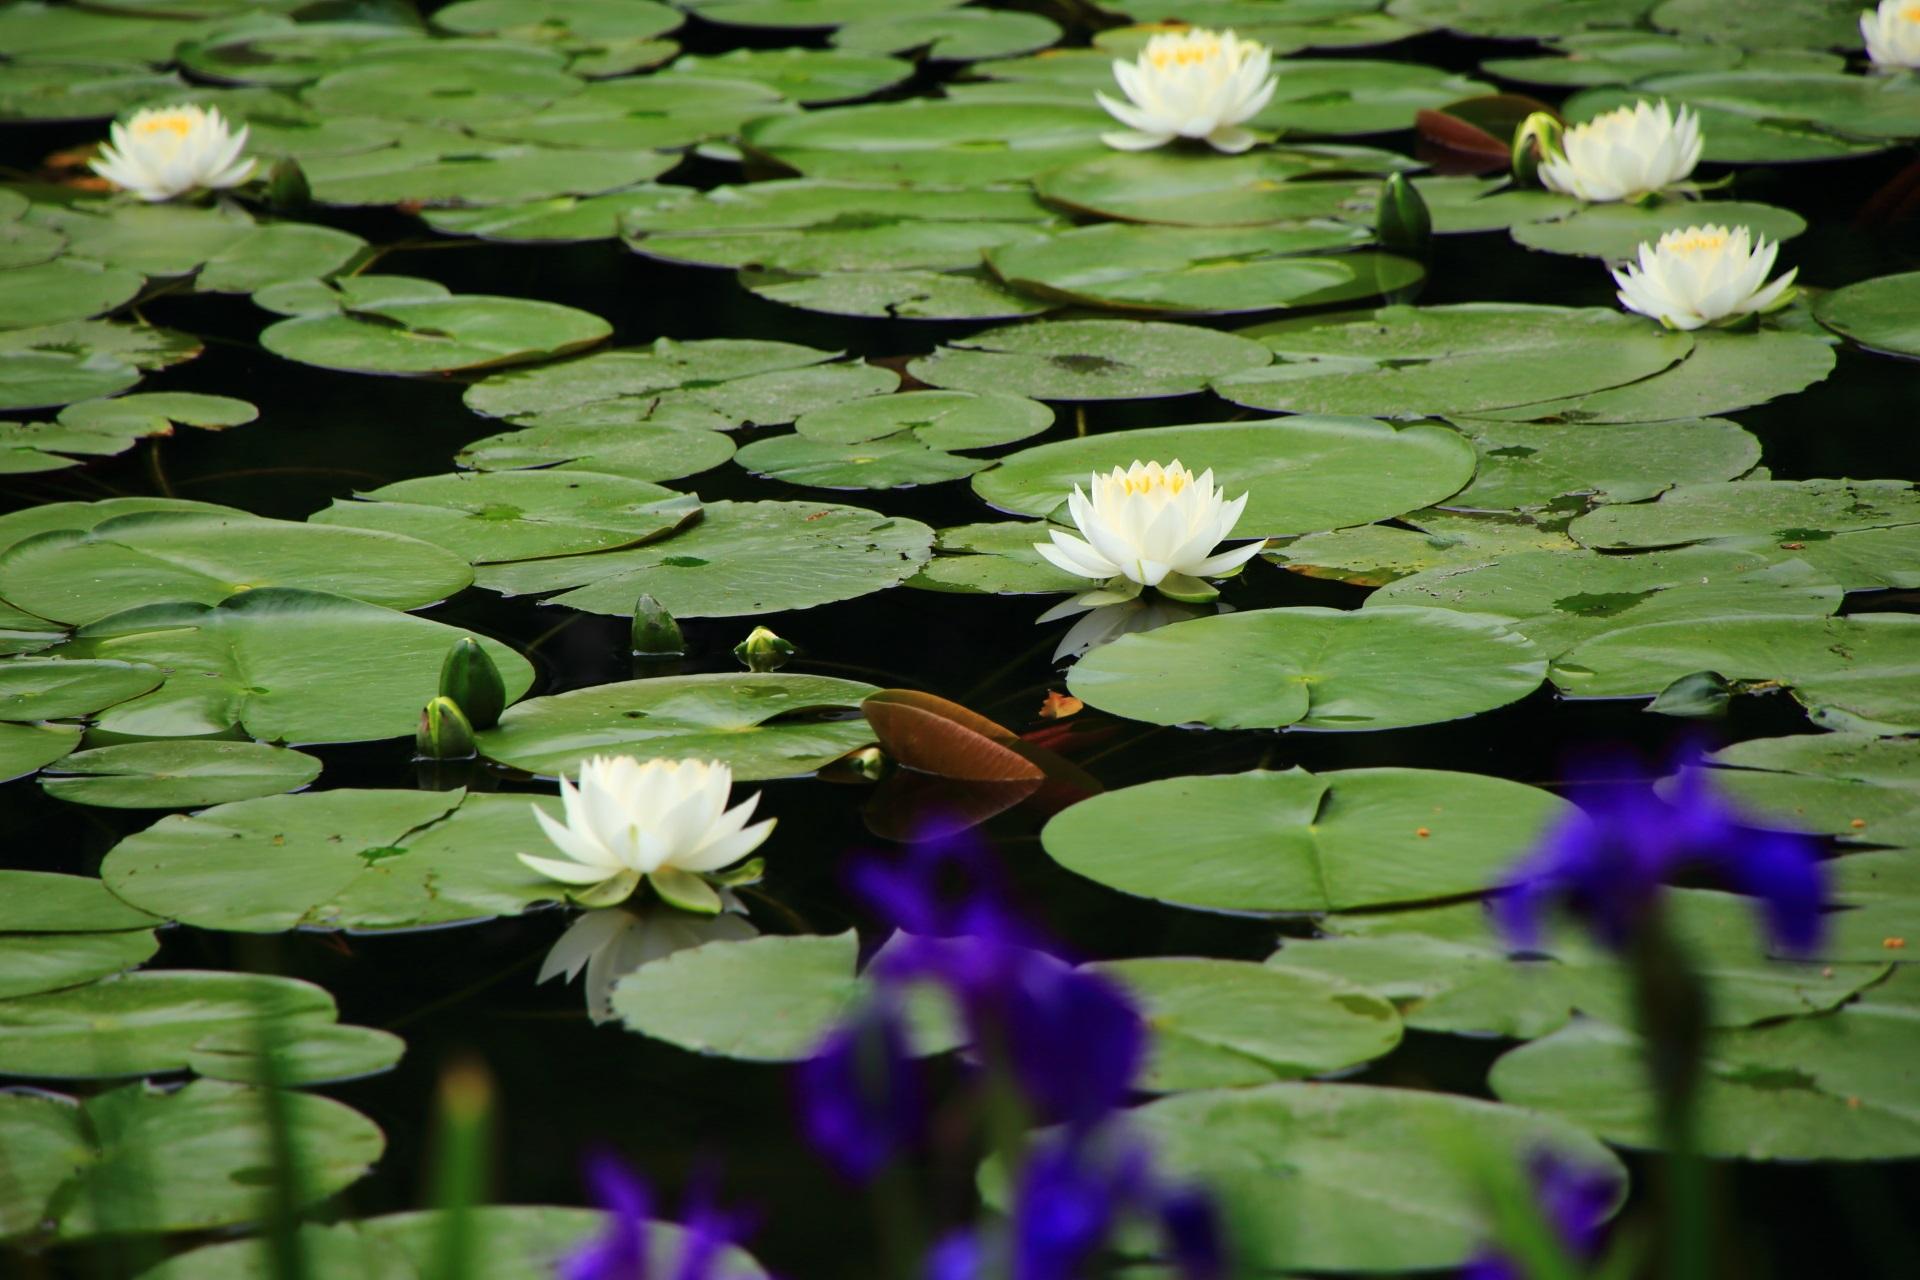 平安神宮の杜若越しに眺めた水面を染める睡蓮の花